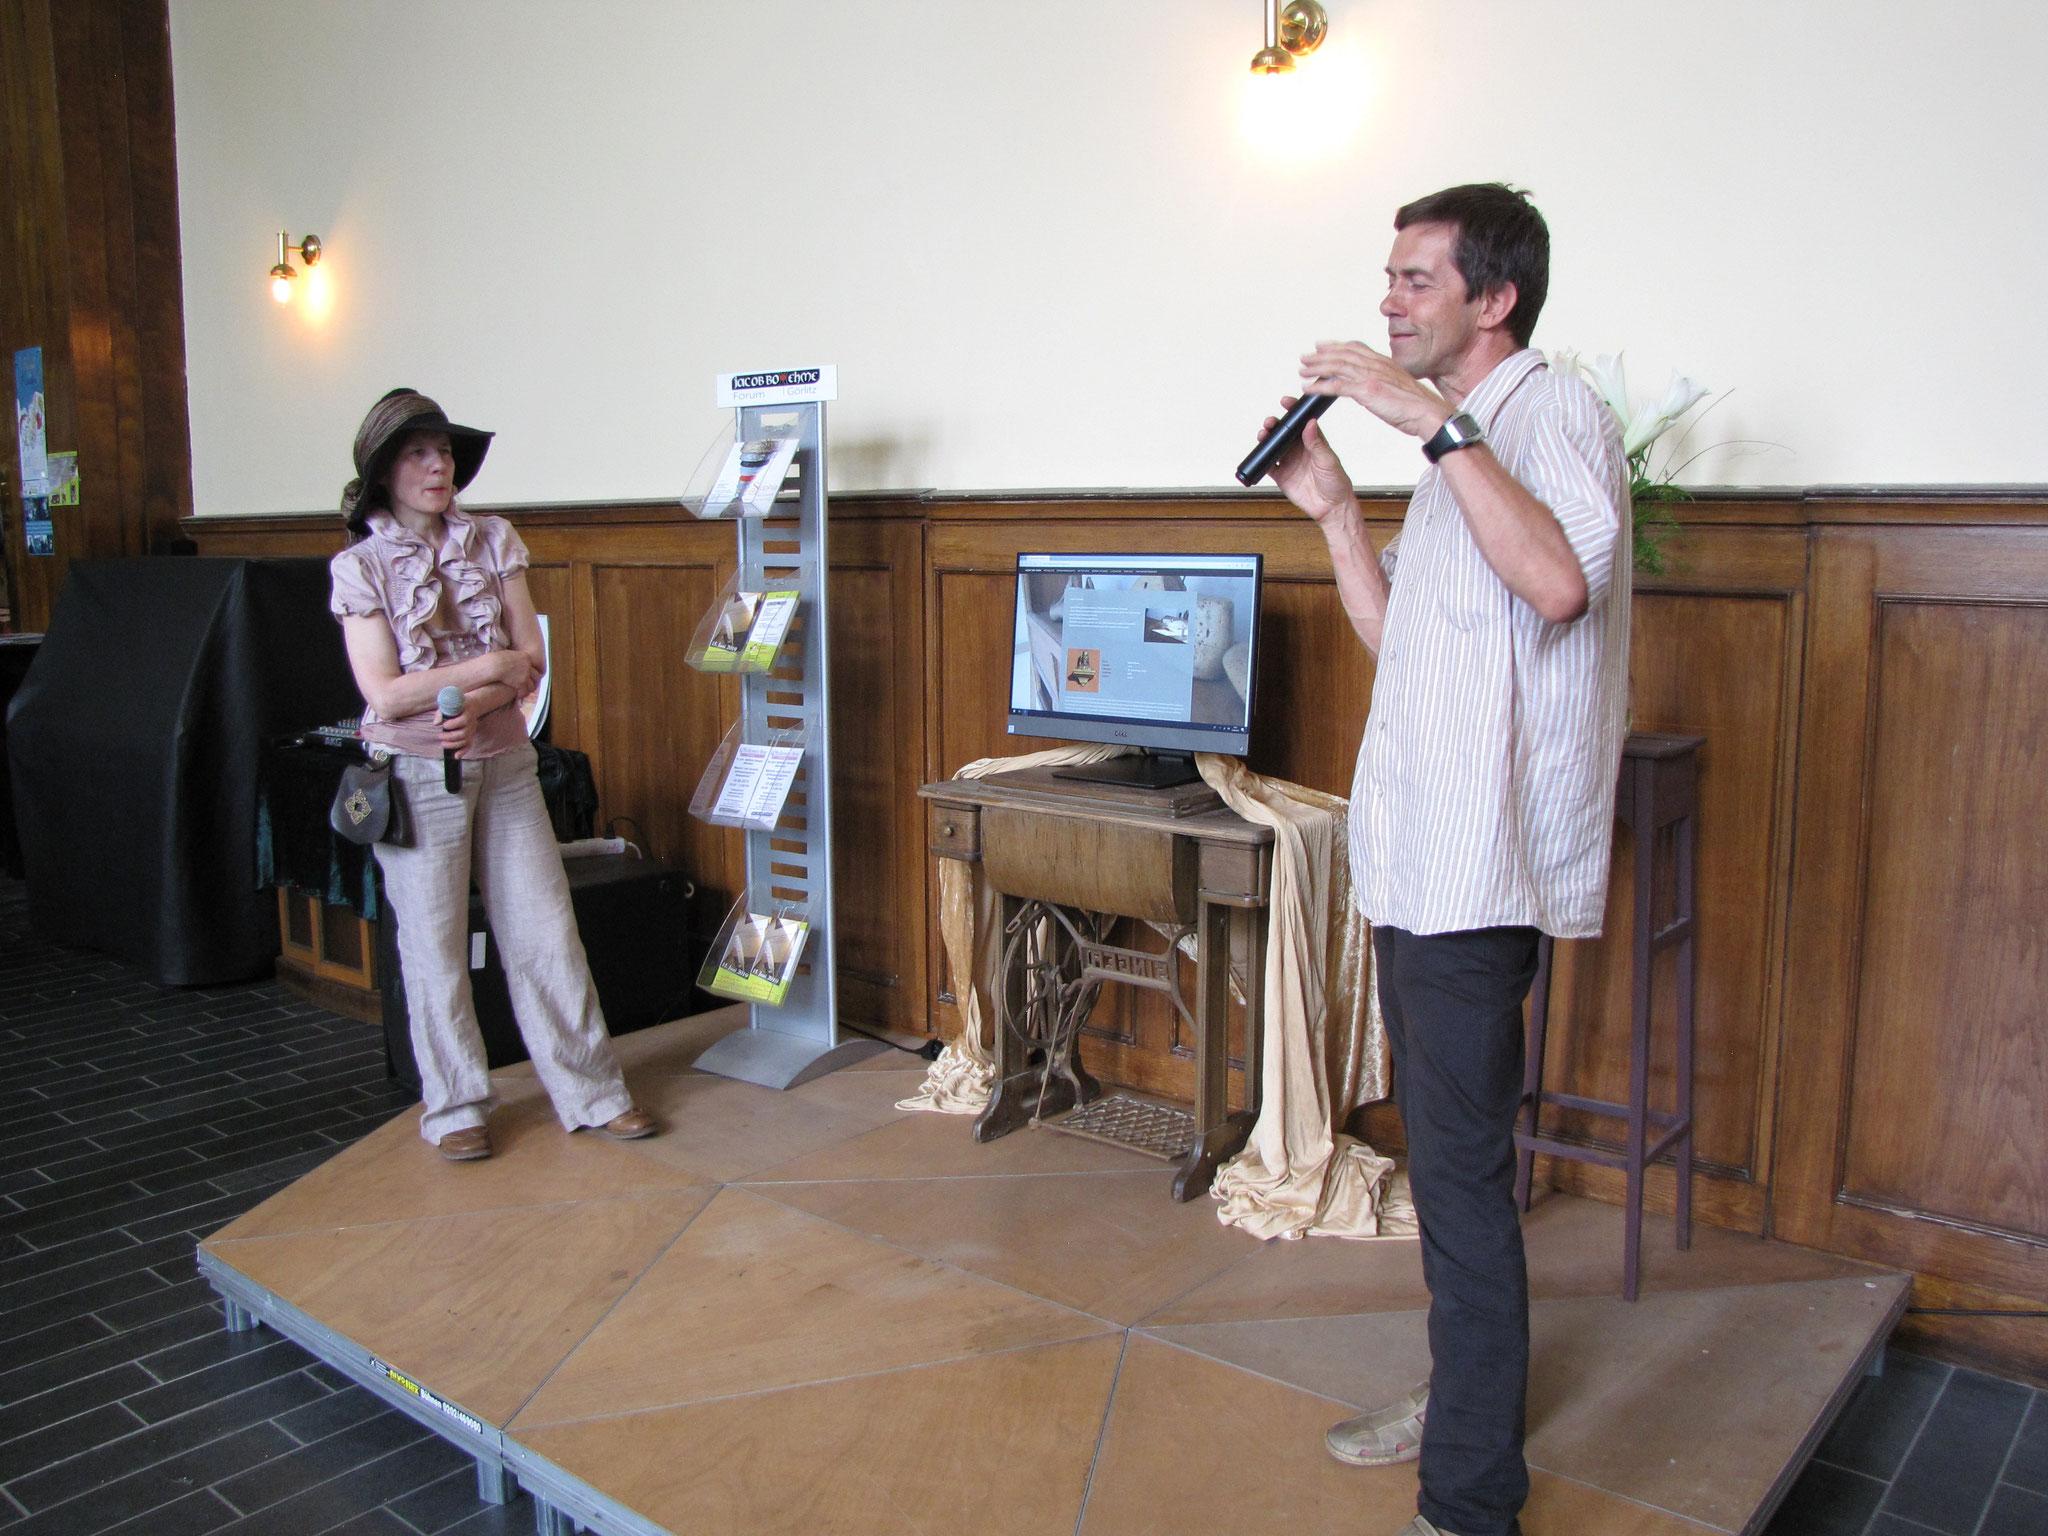 Birgit Beltle und Maik Hosang erklären den Touchscreen